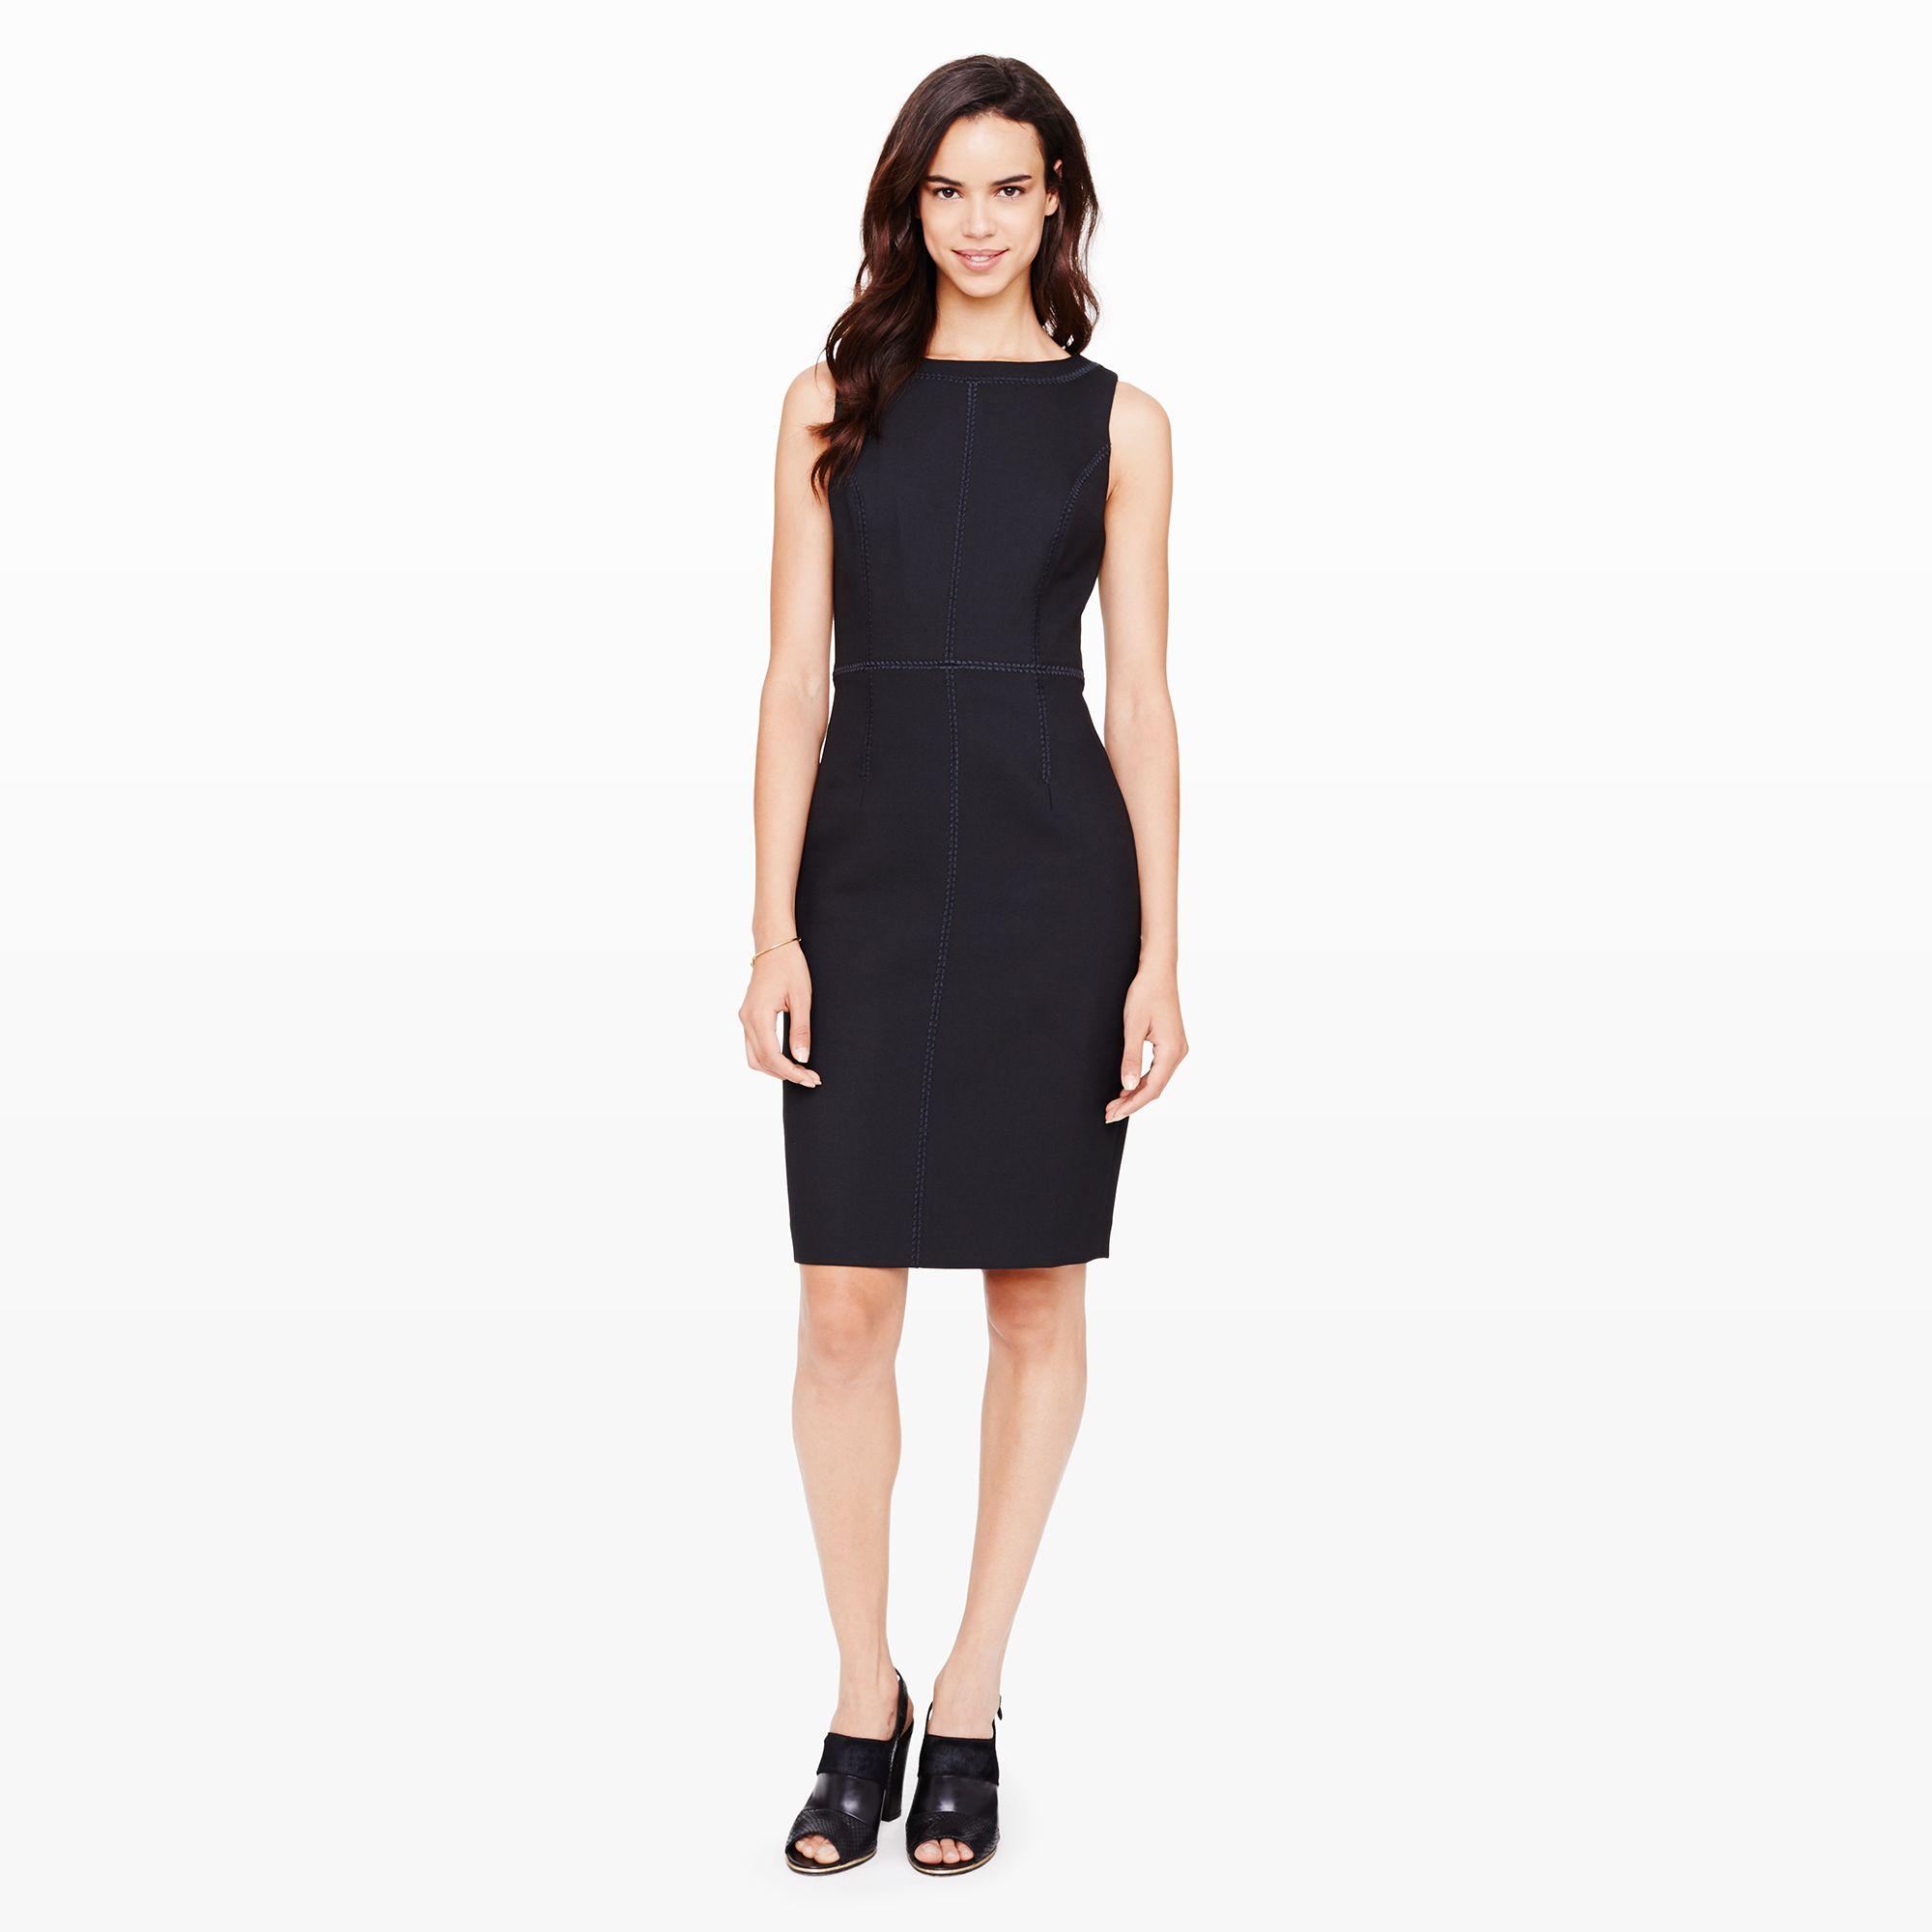 104d6bfe89234 Club Monaco Vienna Sheath Dress in Black - Lyst